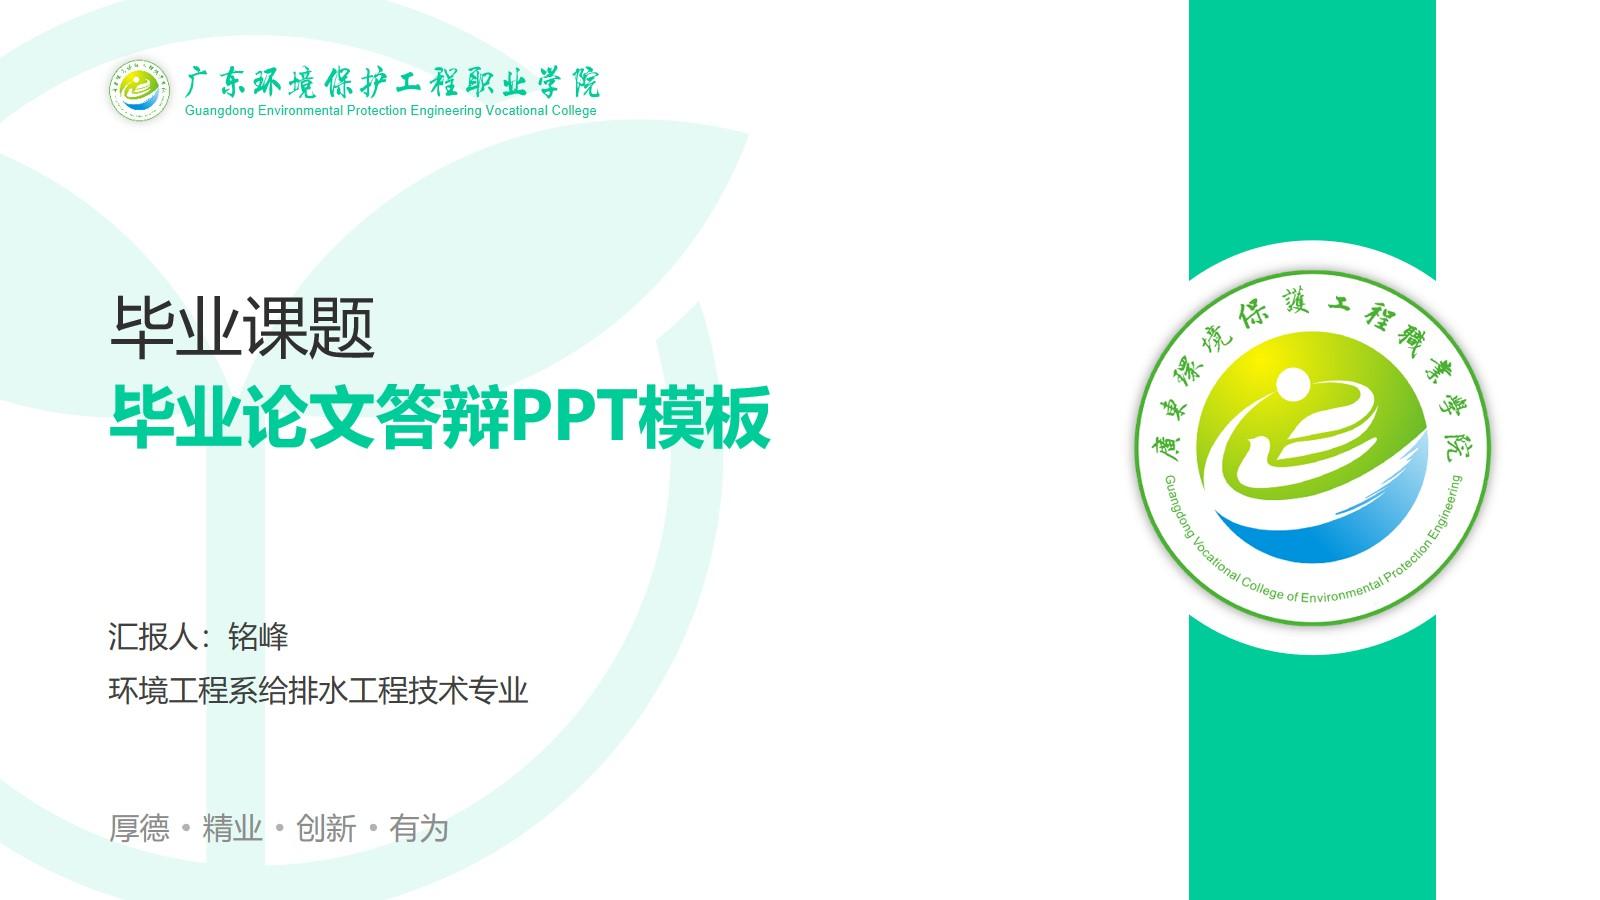 广东环境保护工程职业学院毕业论文答辩ppt模板